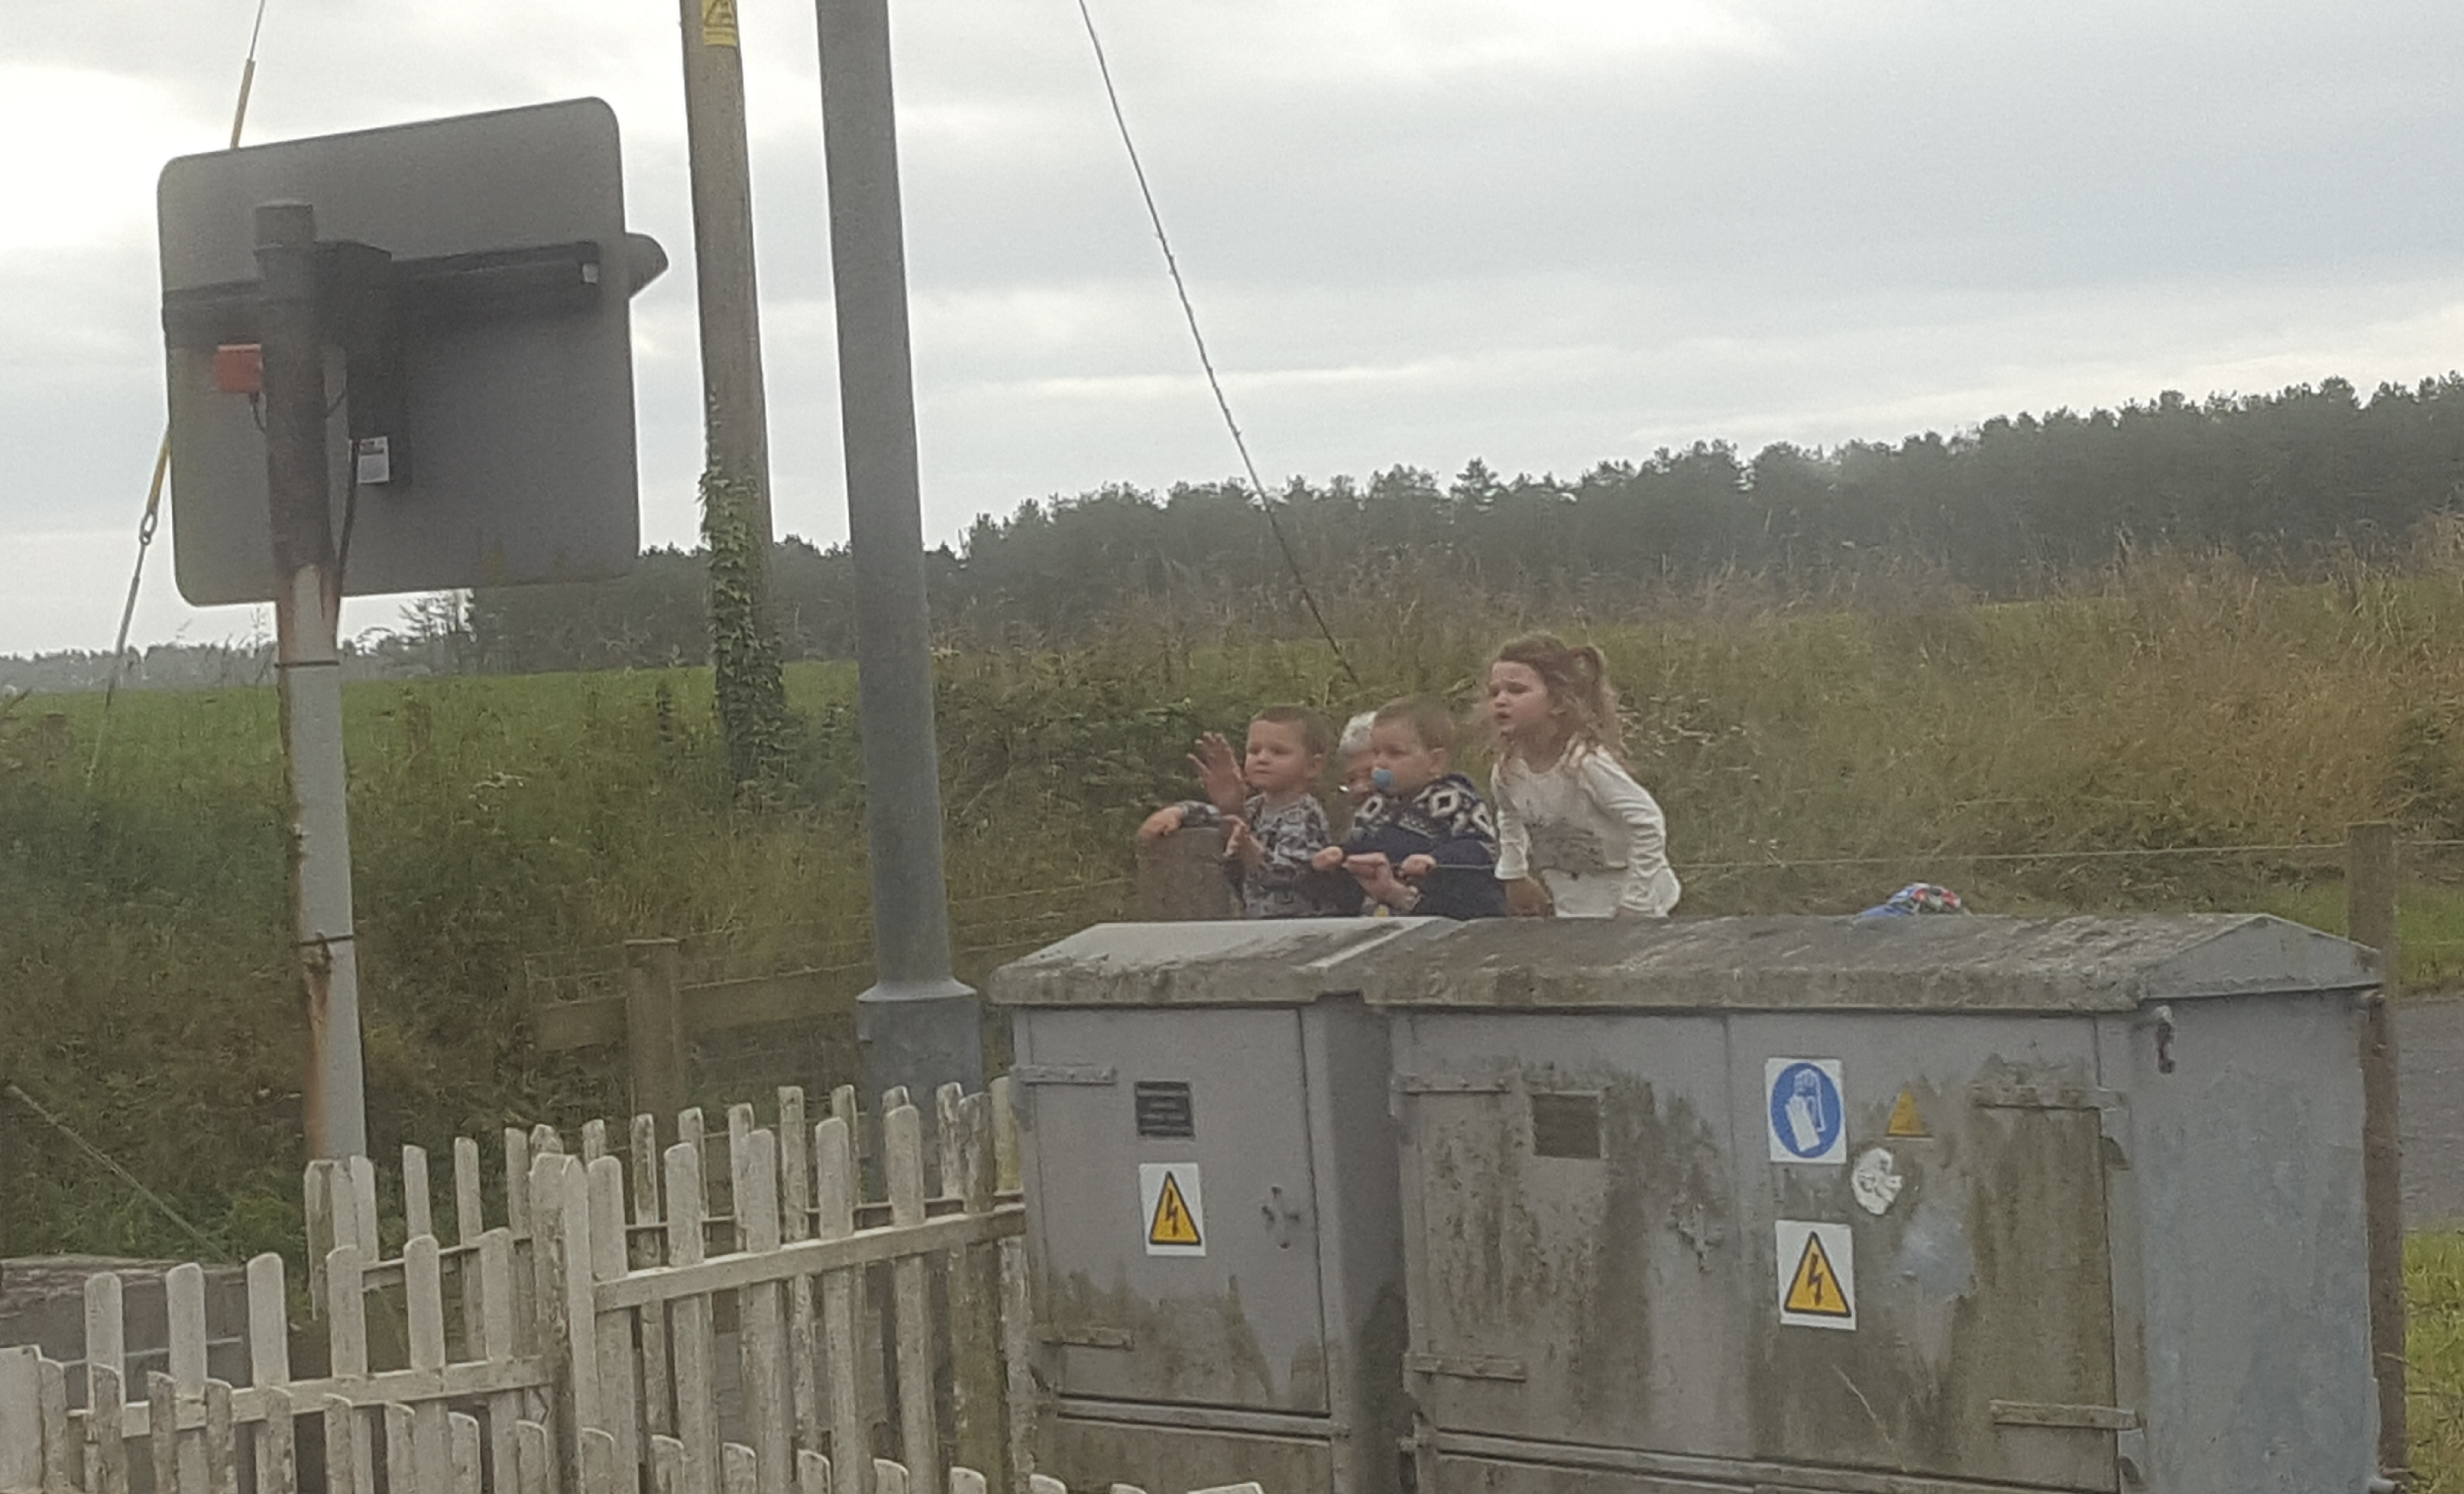 kids waving at the train